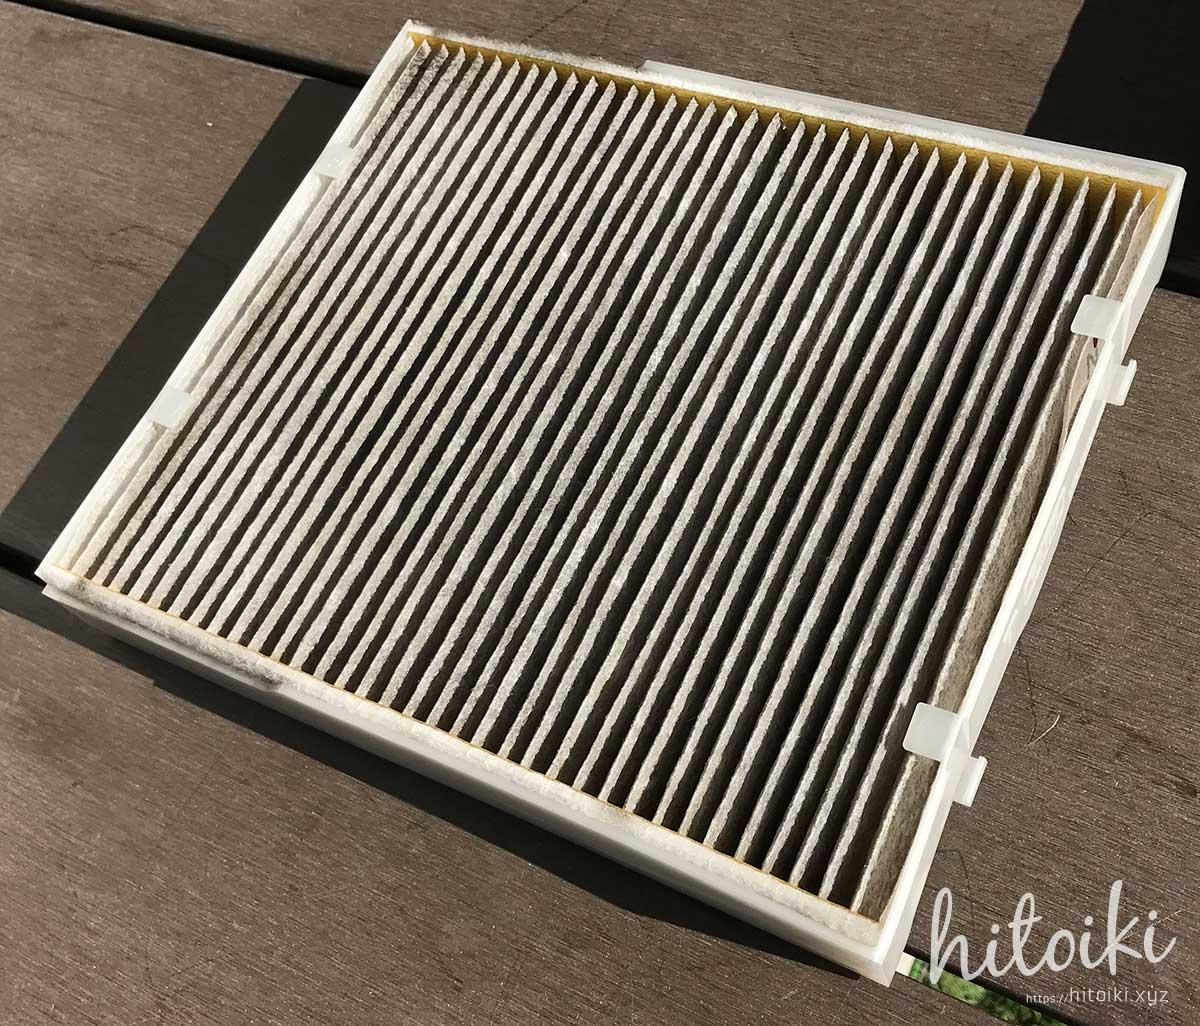 CX-8のエアコンフィルターの交換方法!デンソーの型番(DCC1014)や手順をまとめた!初心者での簡単にできるのでオススメ! cx-8_cx8_air-conditioner-filter_denso_dcc1014_014535-3110_img_2371